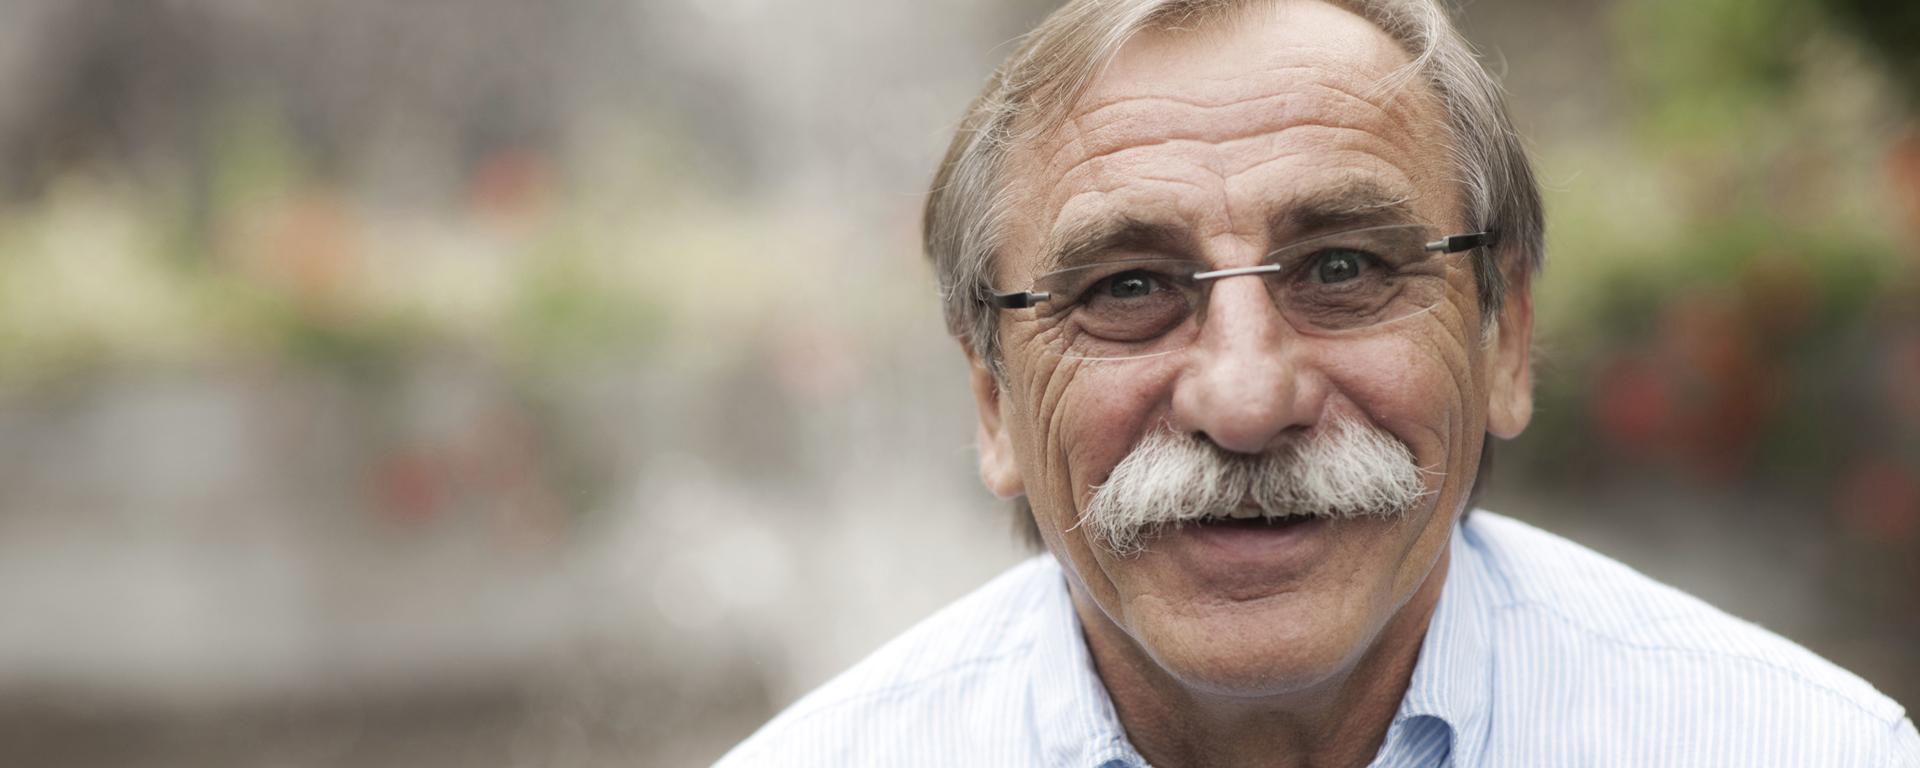 Pavel Zedníček načítal v novej audioknihe rozprávky o vláčikoch.